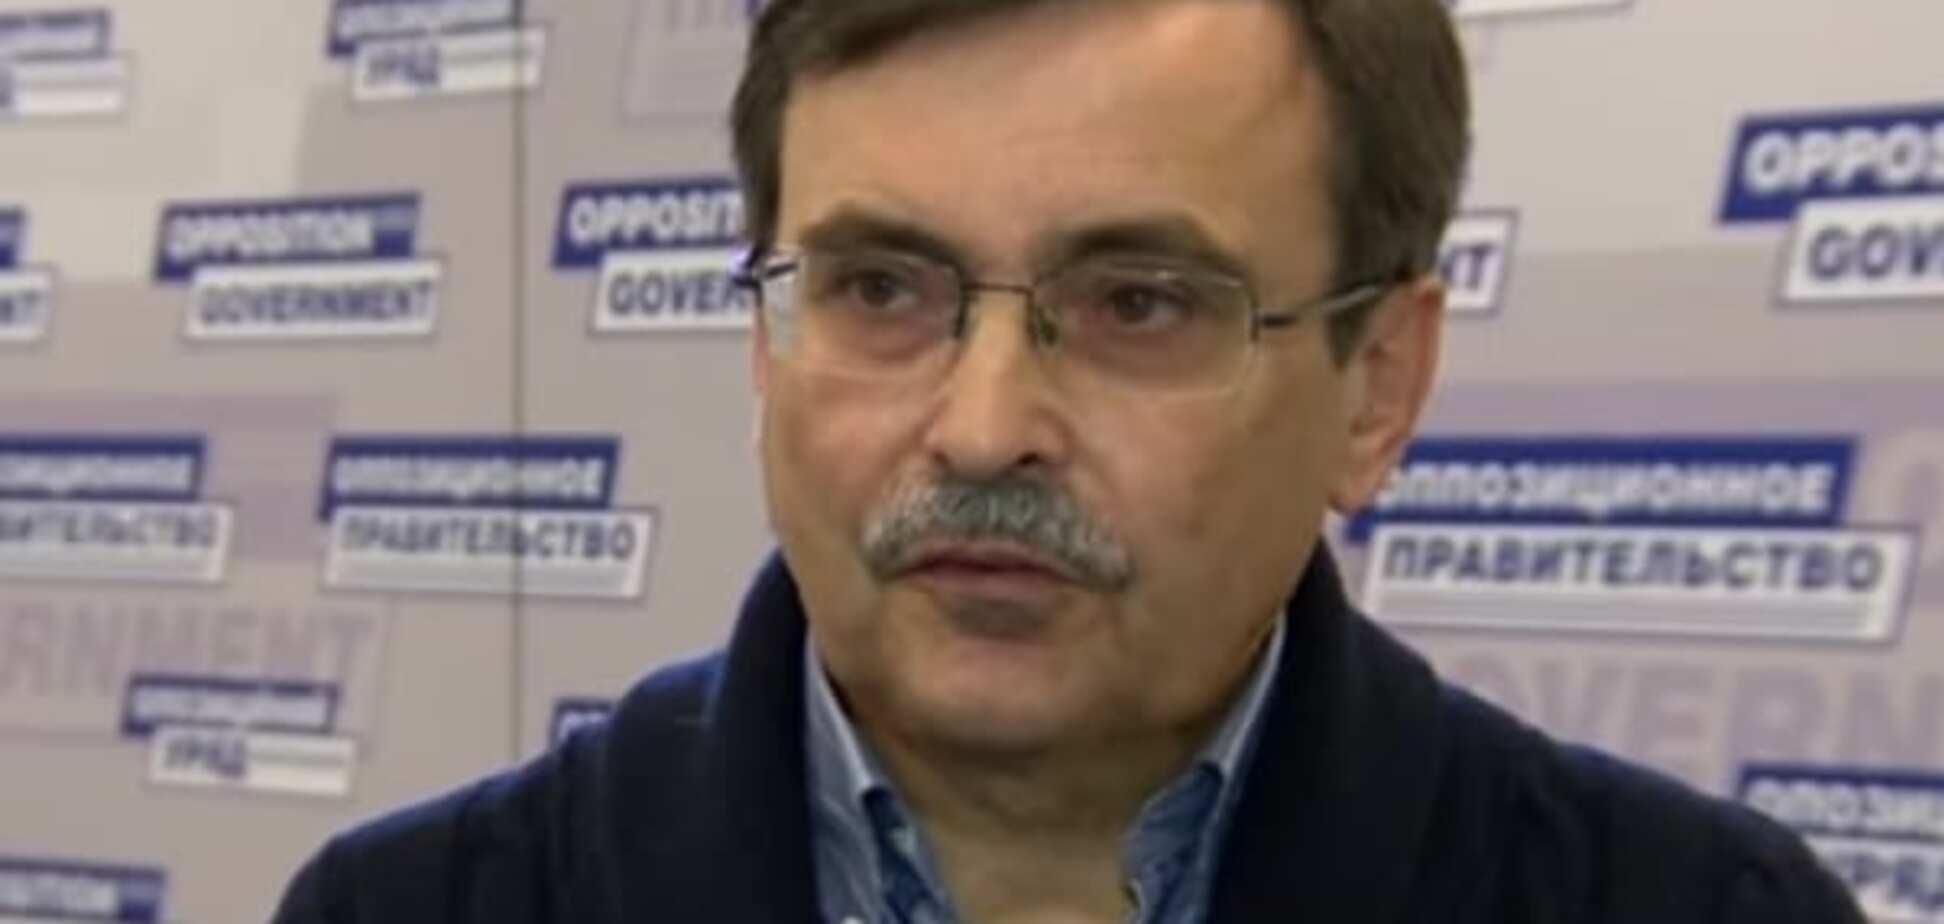 Українська влада прирекла населення країни на холодну зиму - 'Опозиційний блок'